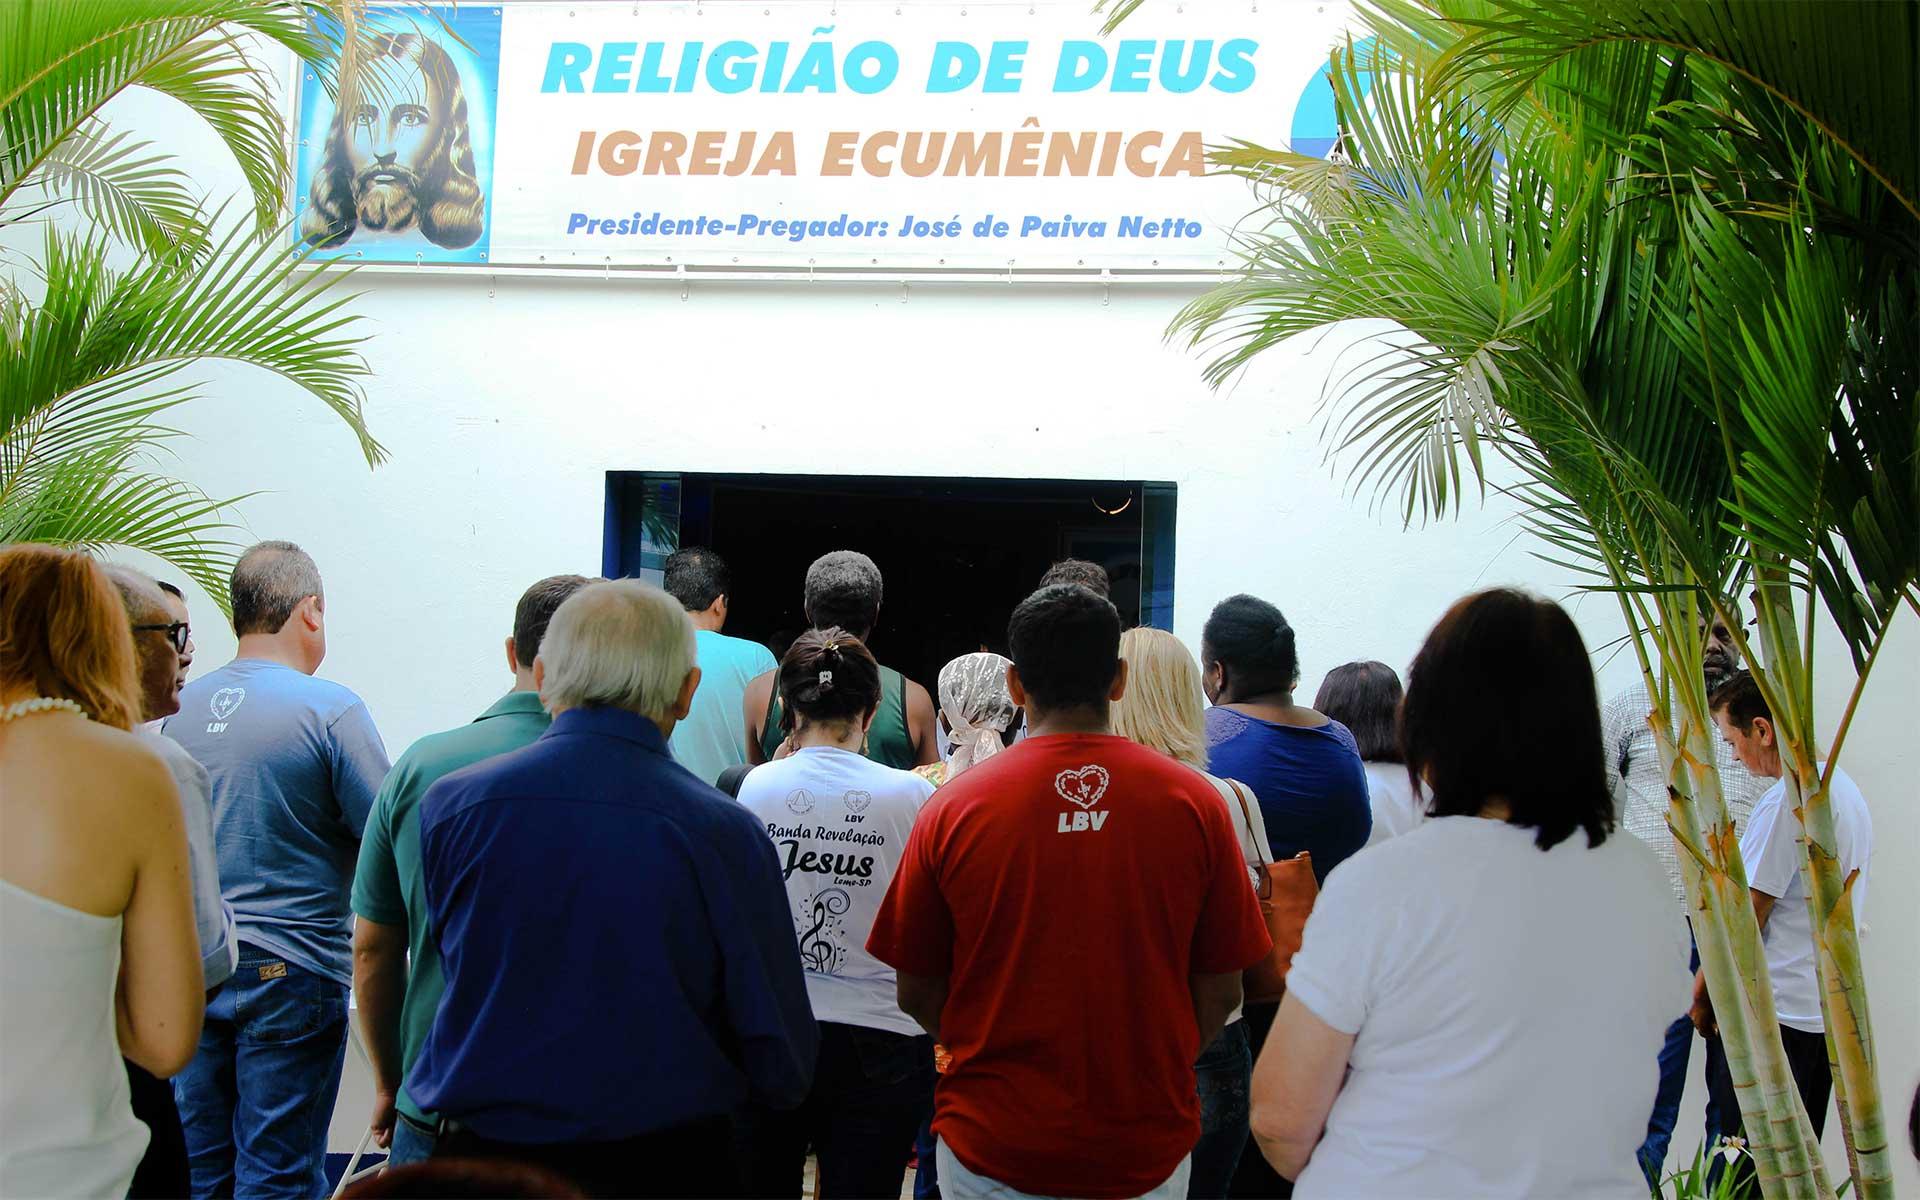 Santo Antônio do Jardim, SP —NoEncontro Ecumênico Família — Um presente de Deusas gerações se reuniram para aprender com os ensinamentos fraternos de Jesus.